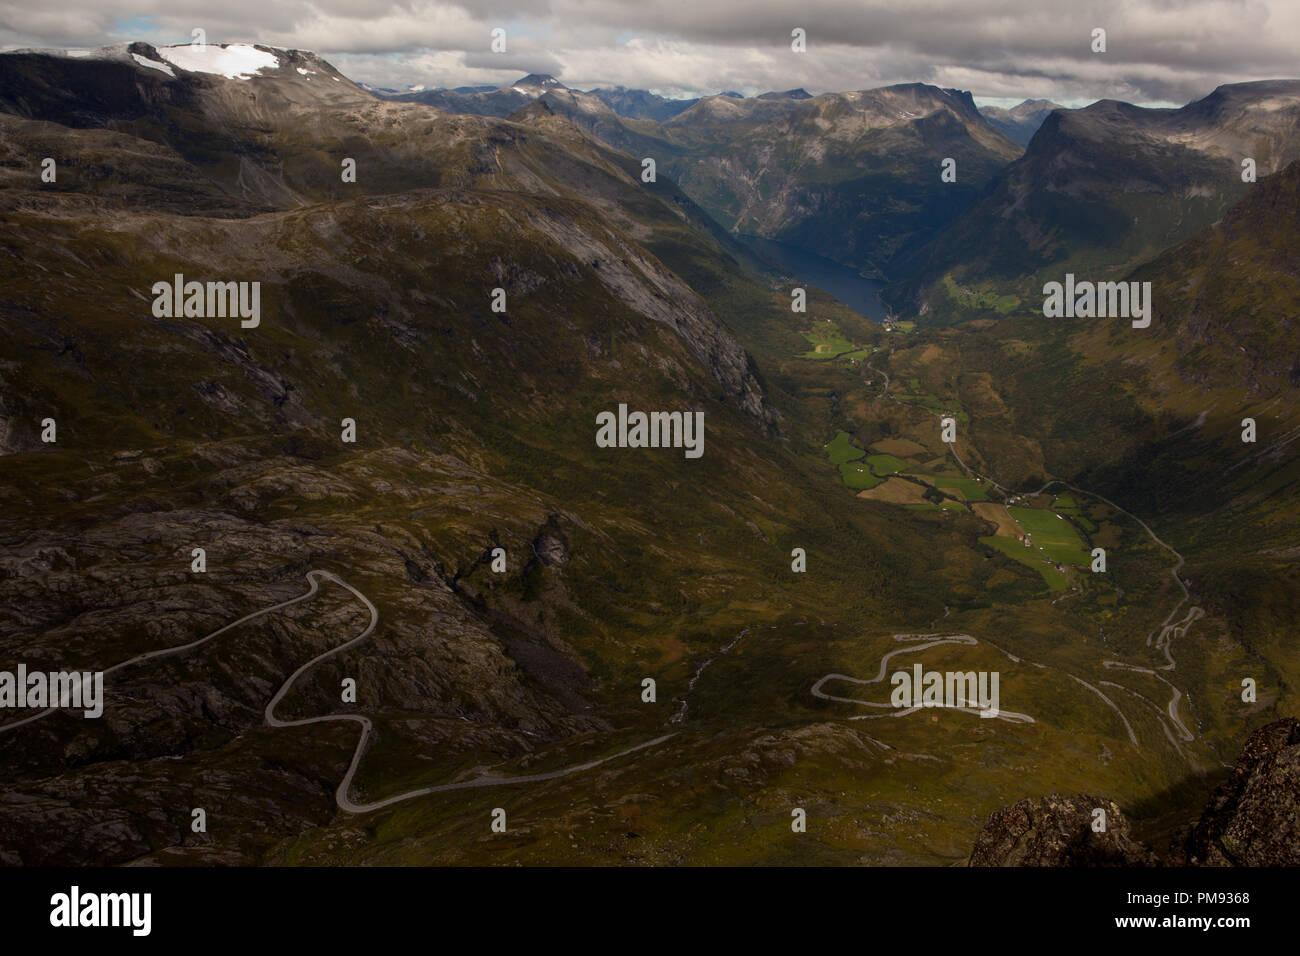 Der Aussichtspunkt Dalsnibba erhebt sich 1500 m über den Meeresspiegel und erlaubt grandiose Ausblicke auf den Geiranger Fjord - Stock Image